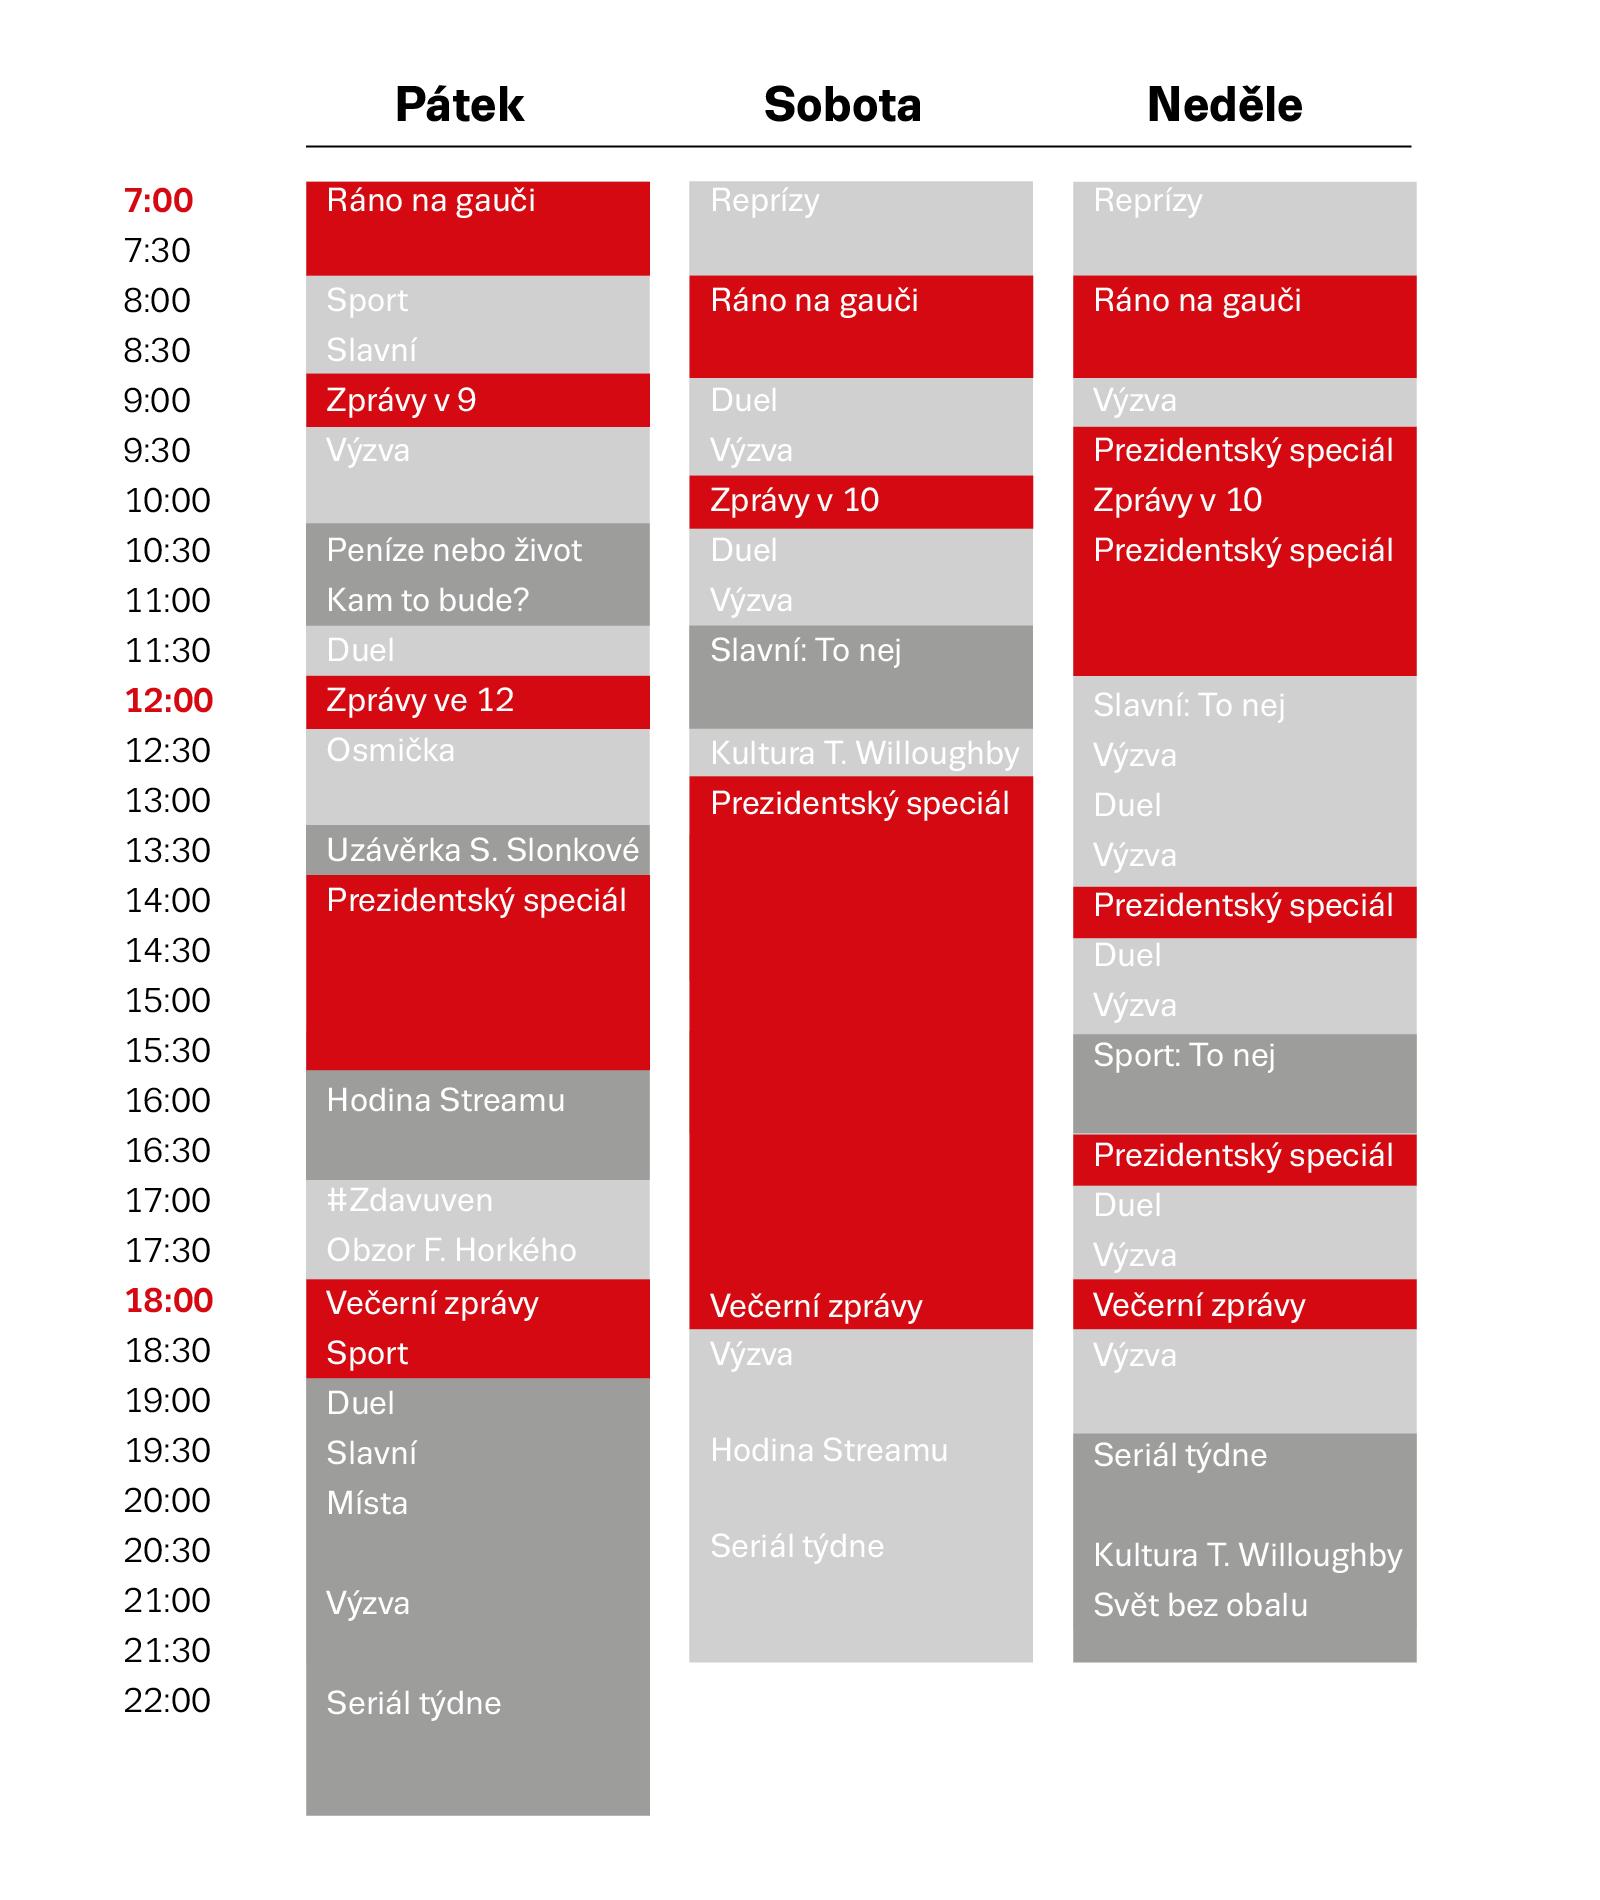 Programové schéma na volební víkend od 12. do 14. ledna 2018